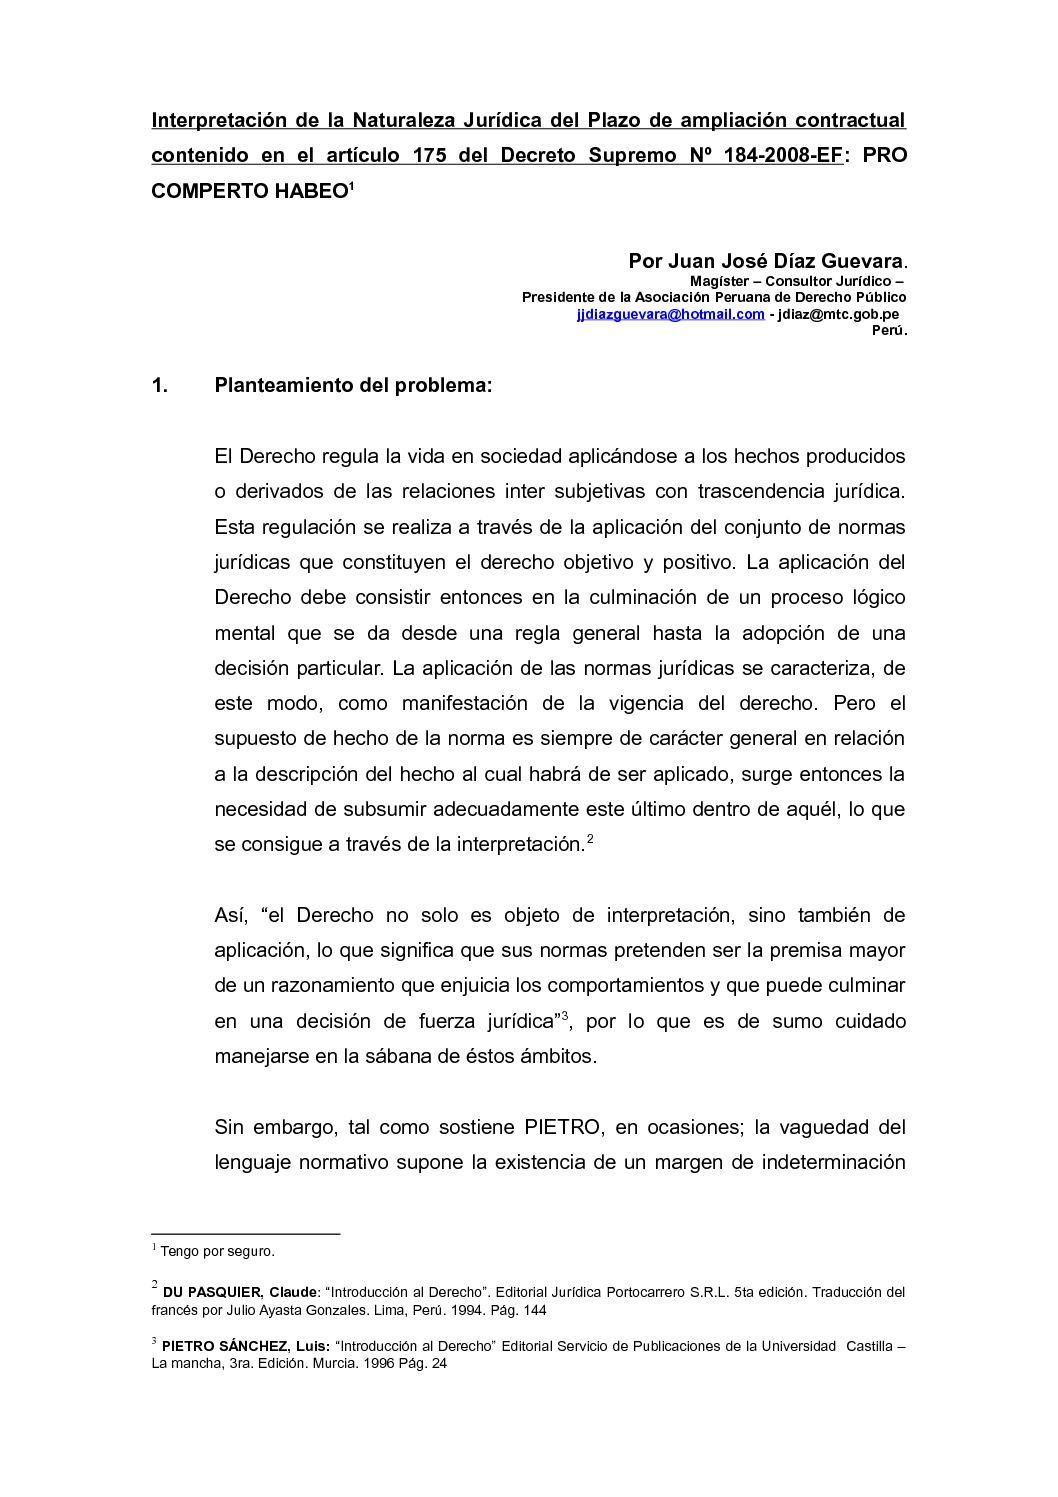 DECRETO SUPREMO 184 EPUB DOWNLOAD